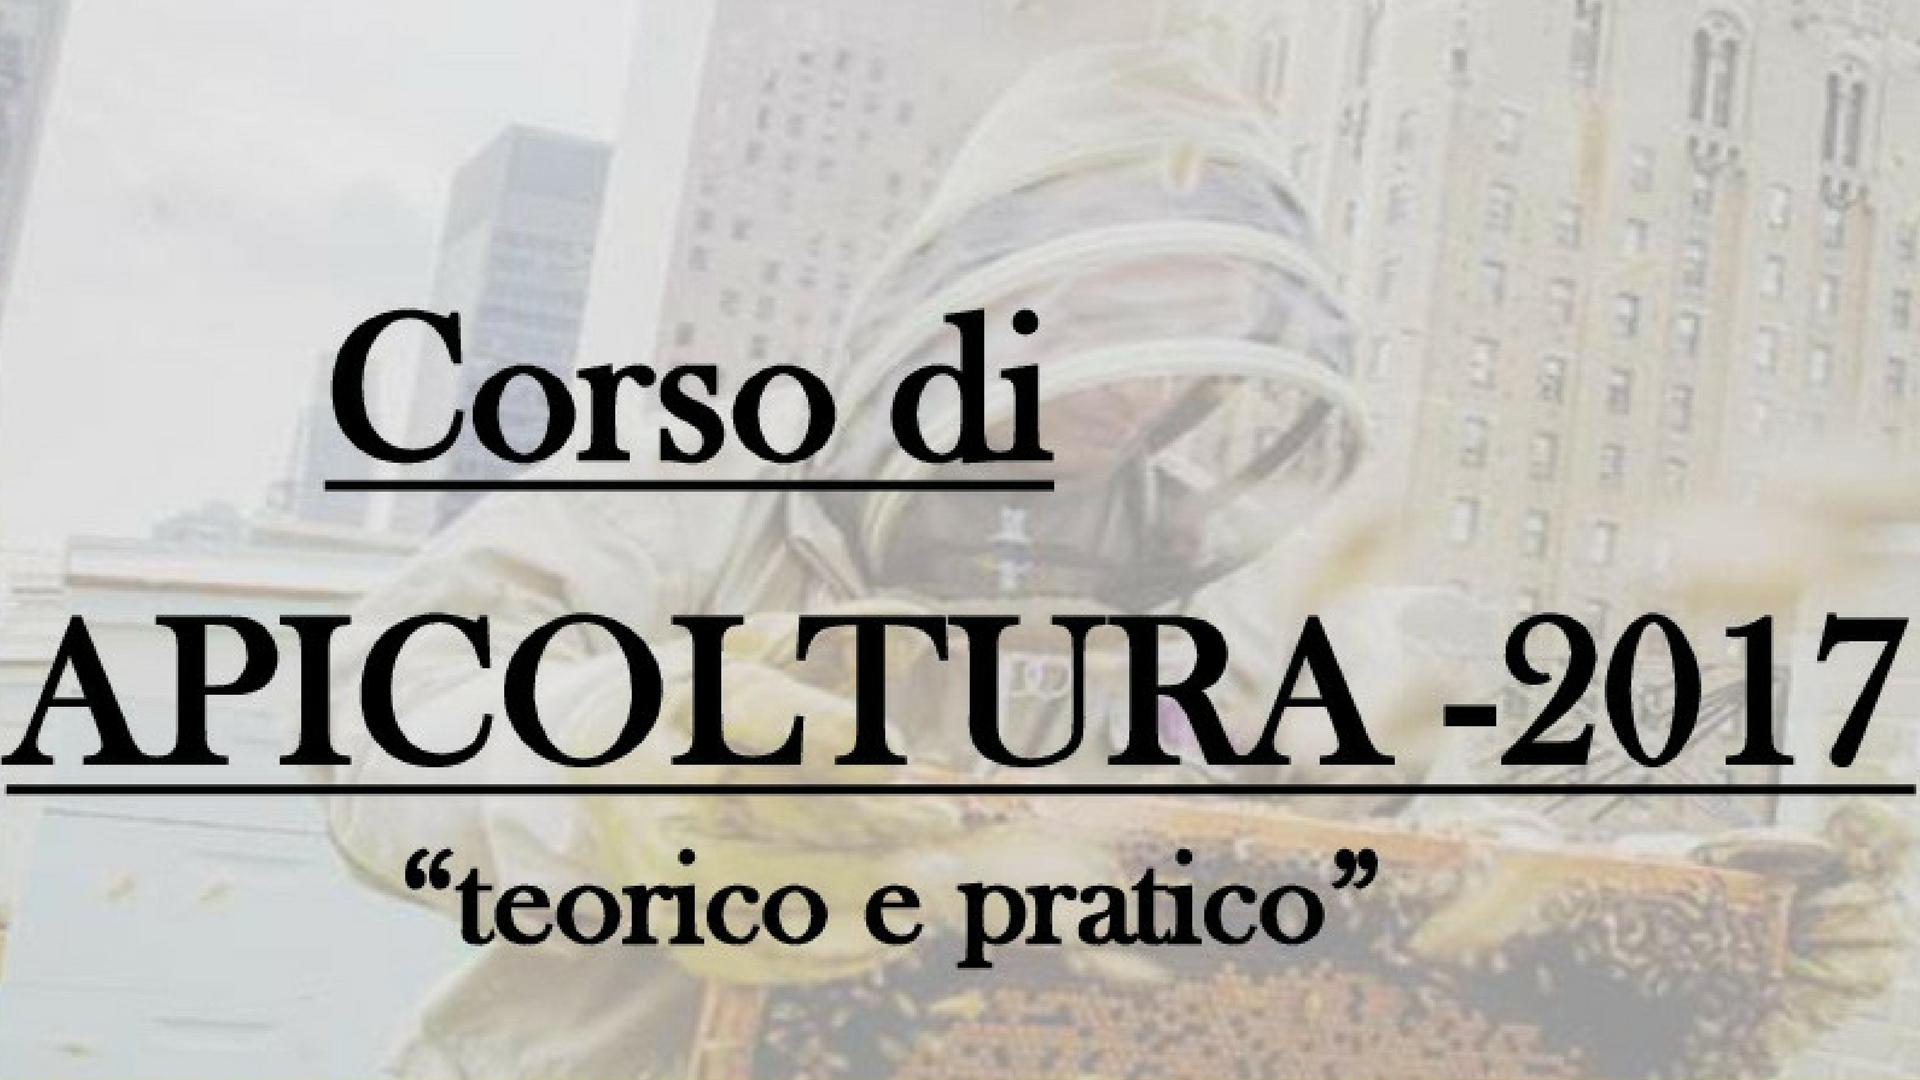 Corso di Apicoltura – Fondazione S. Chiara